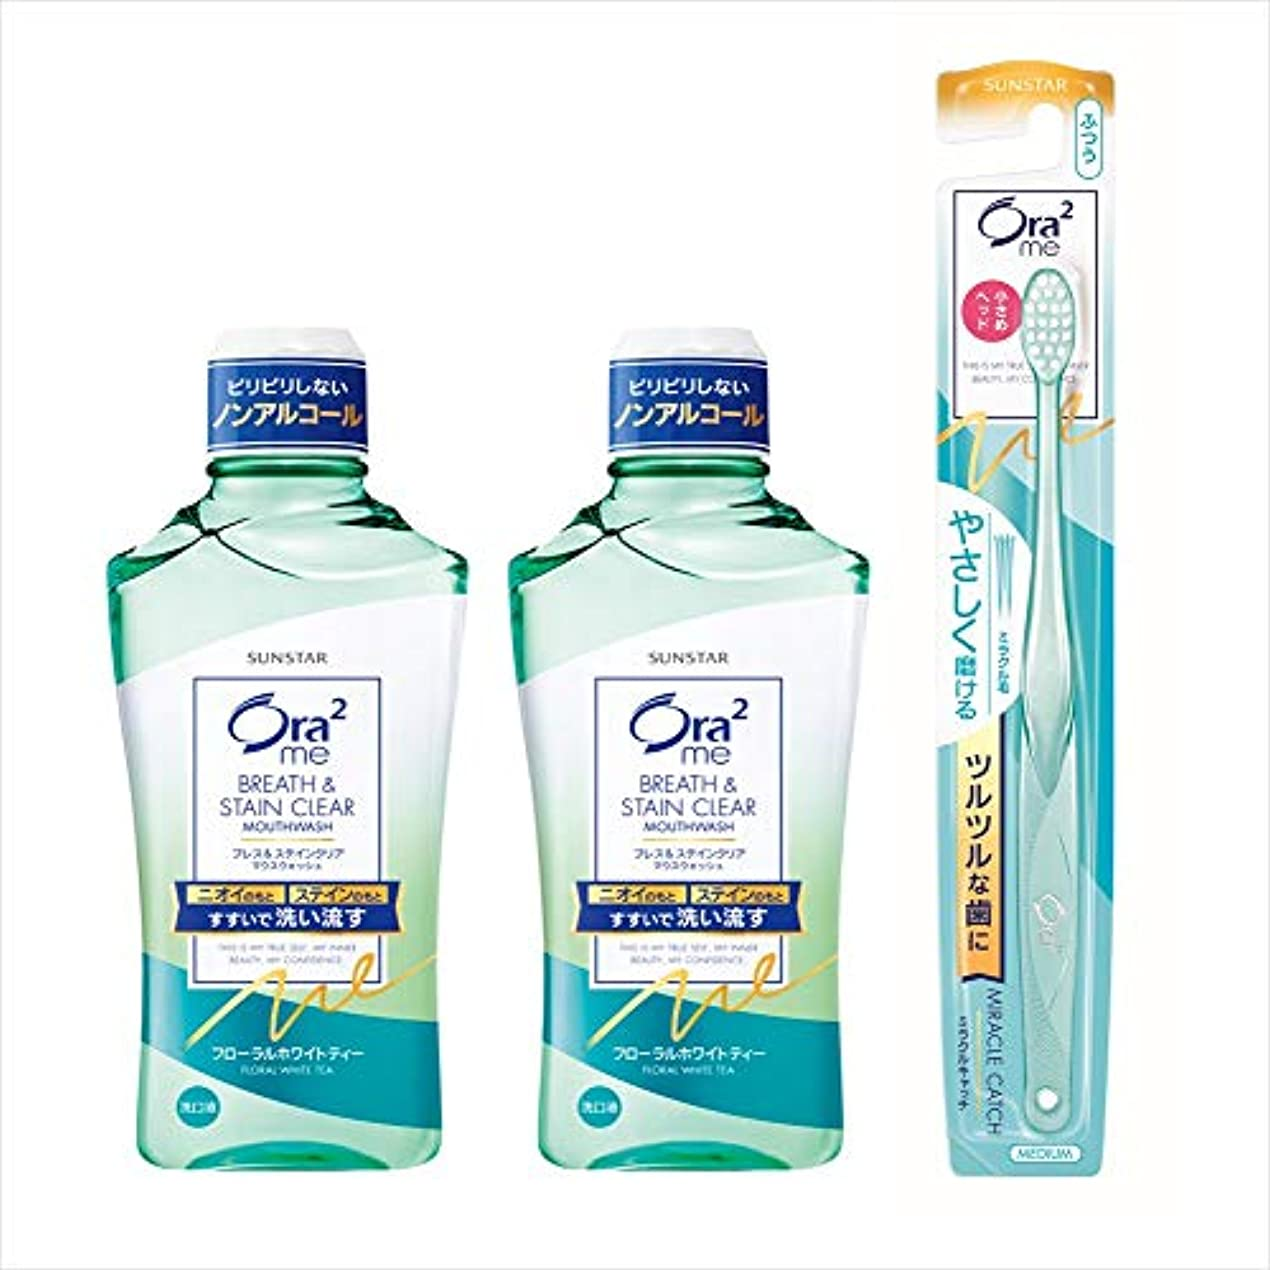 追跡極端な贈り物Ora2(オーラツー) ミーマウスウォッシュ ステインクリア 洗口液[フローラルホワイトティー]×2個+ハブラシ付き